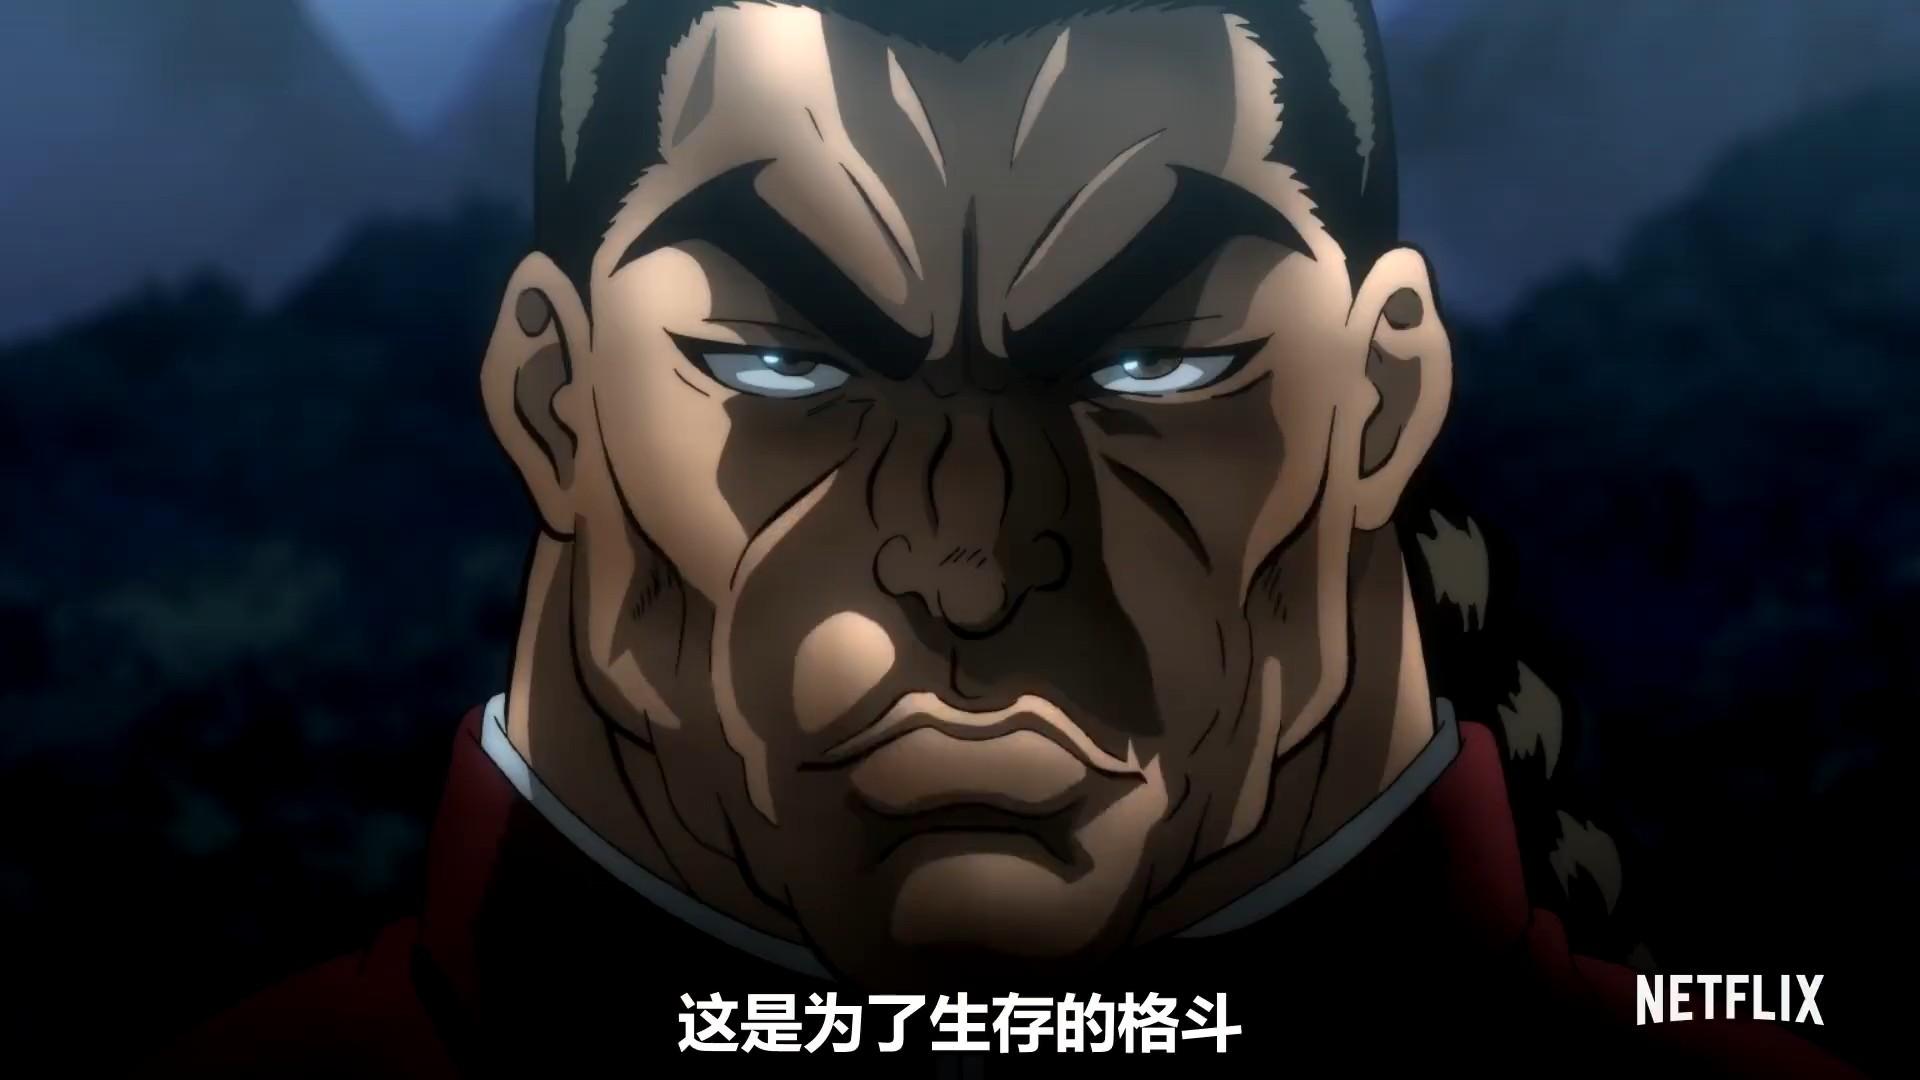 网飞动画《刃牙》第二季大擂台赛篇 正式PV公开,6月4日开播- ACG17.COM